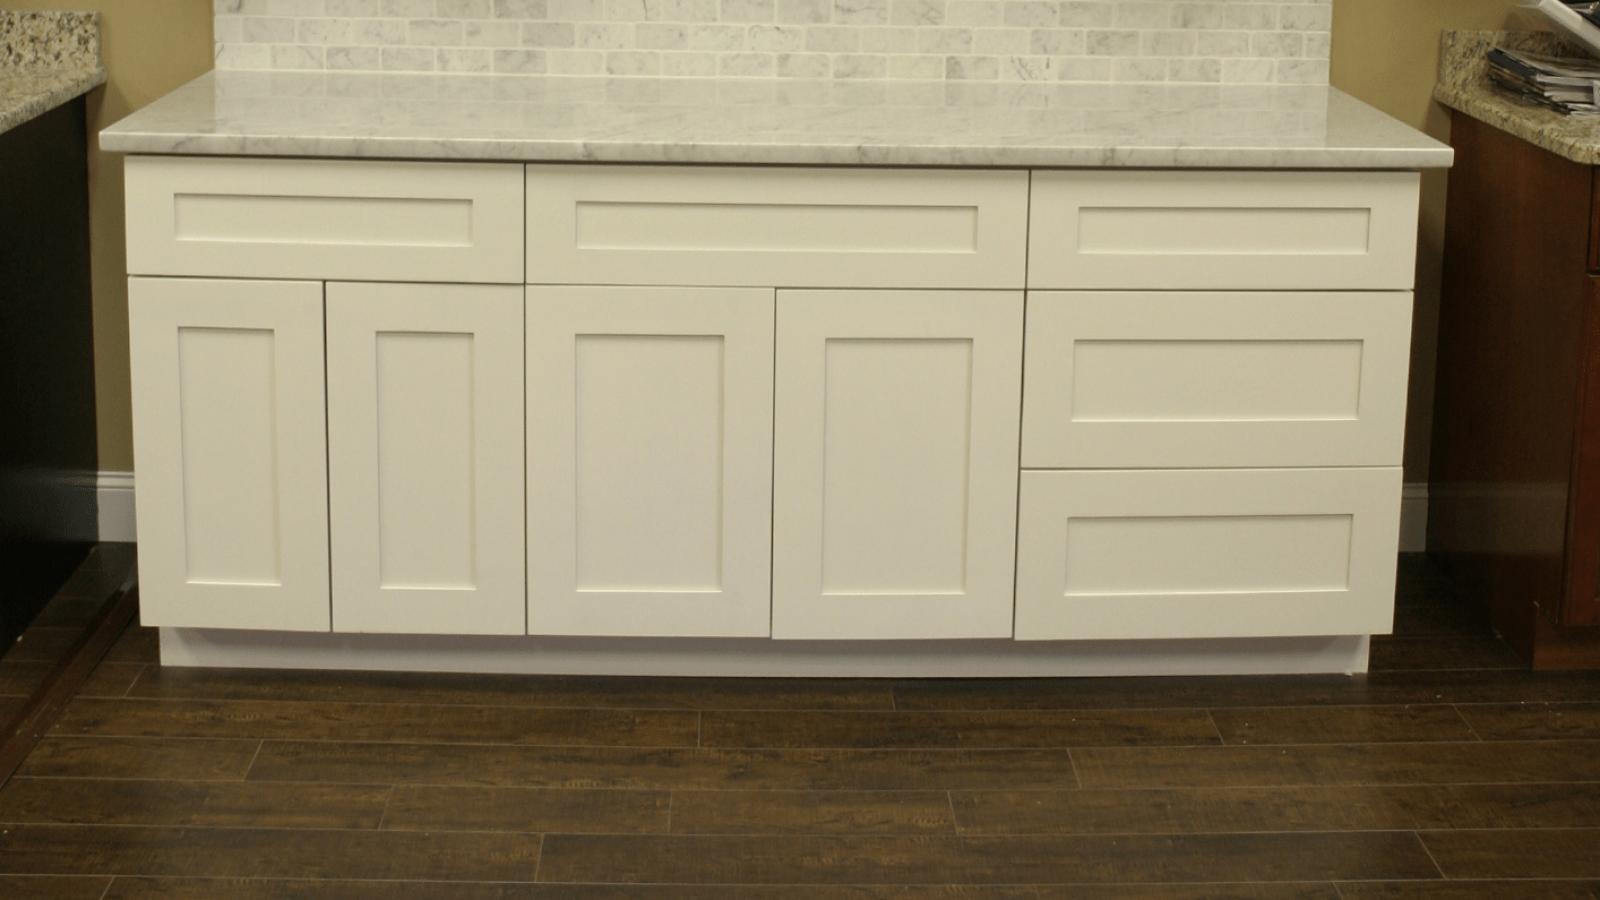 Savannah Kitchen | Frugal Kitchens & Cabinets